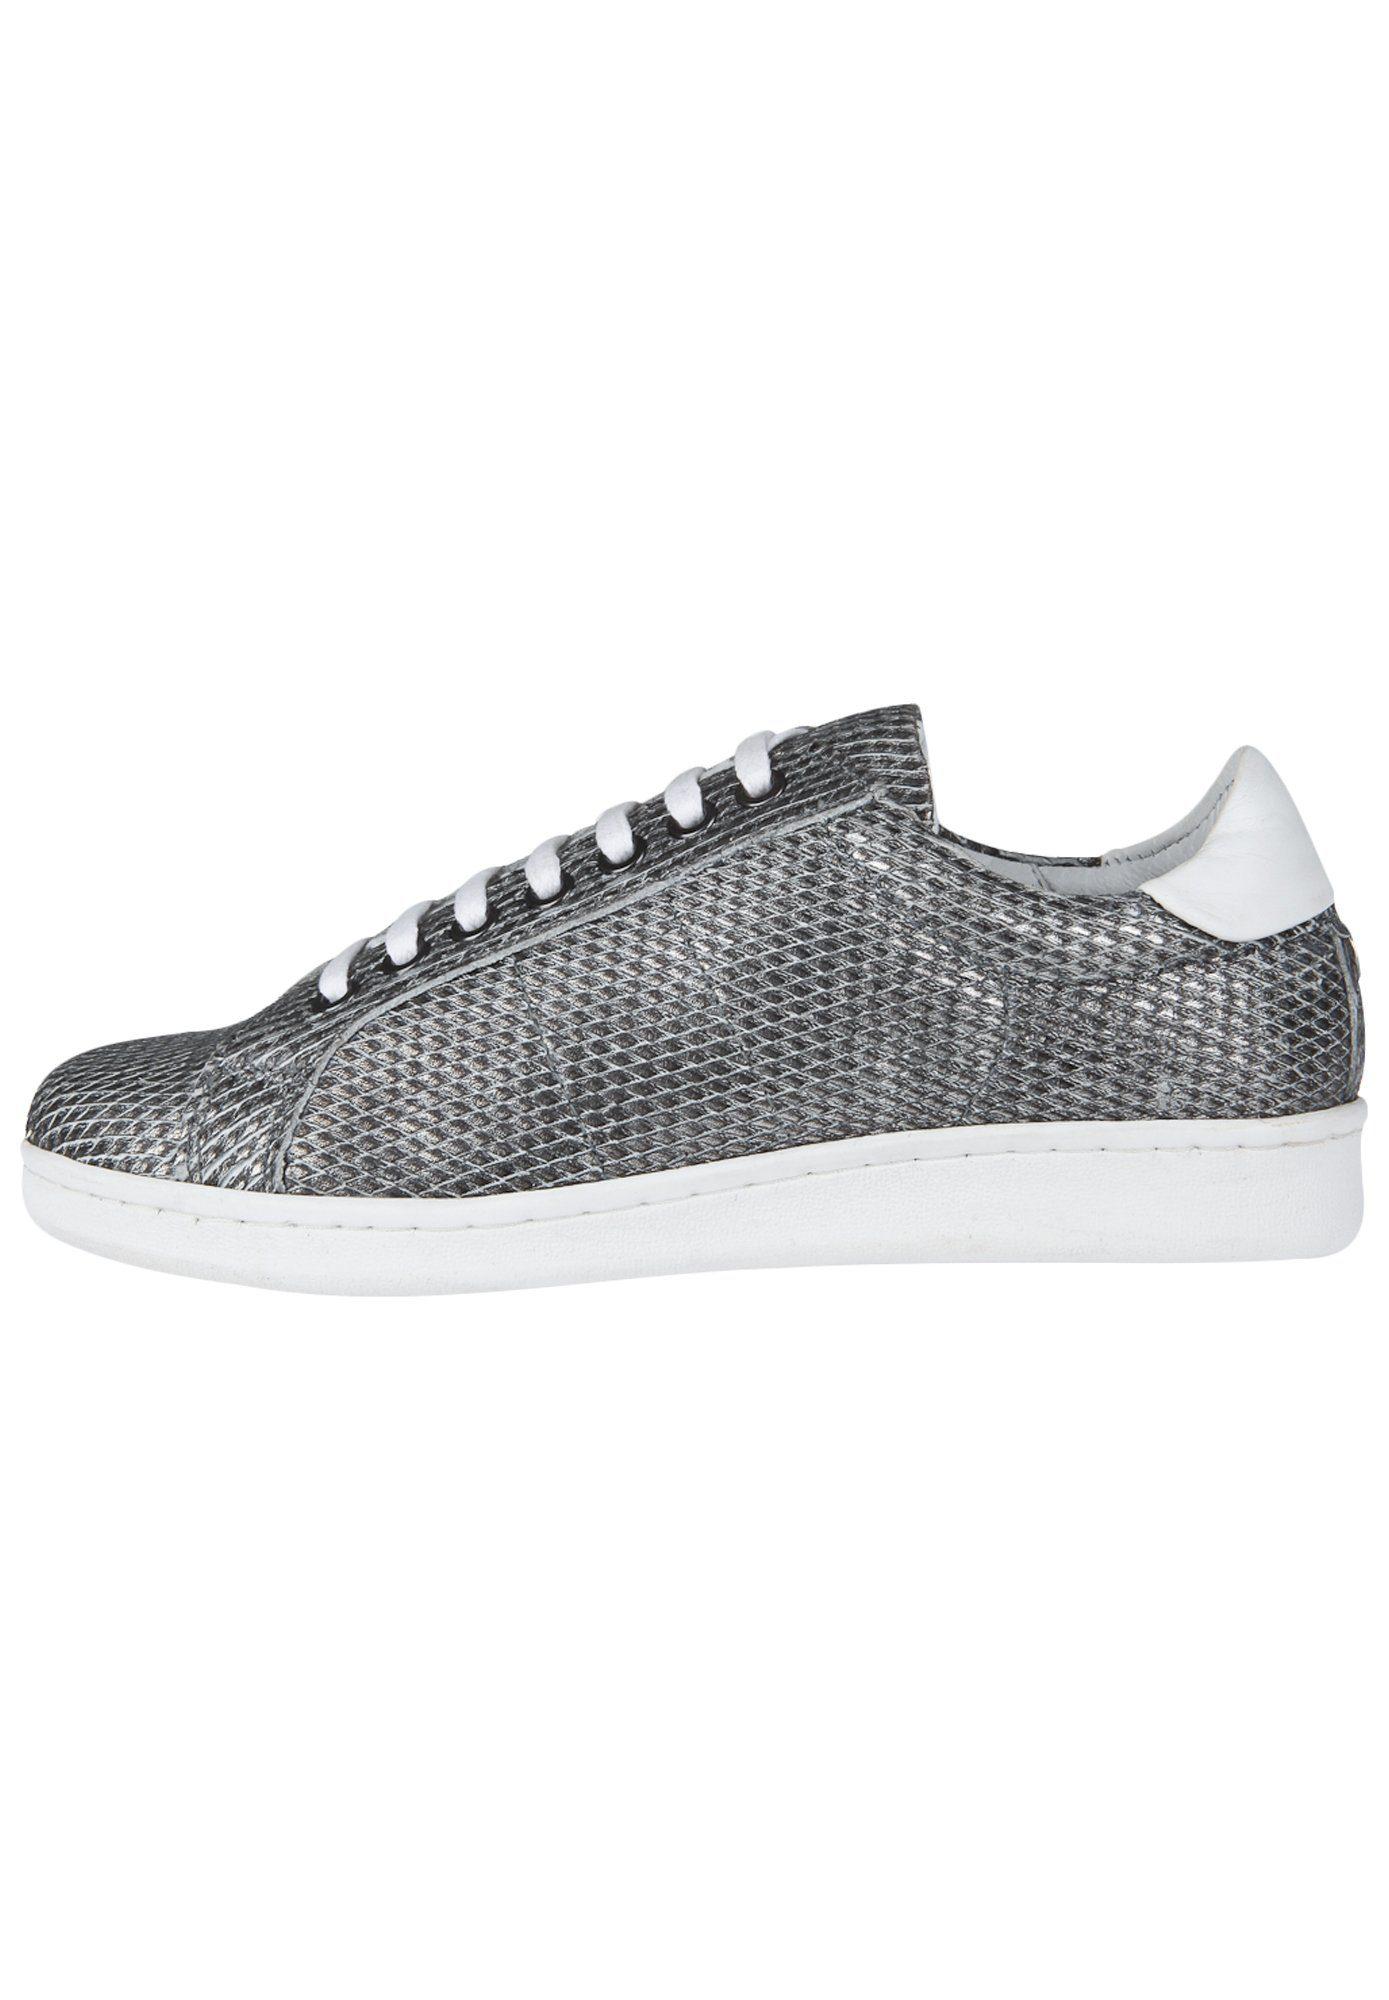 Maruti NENA SMALL DIAMOND Sneaker, Strukturiertes Leder mit Rautenmuster online kaufen  silberfarben